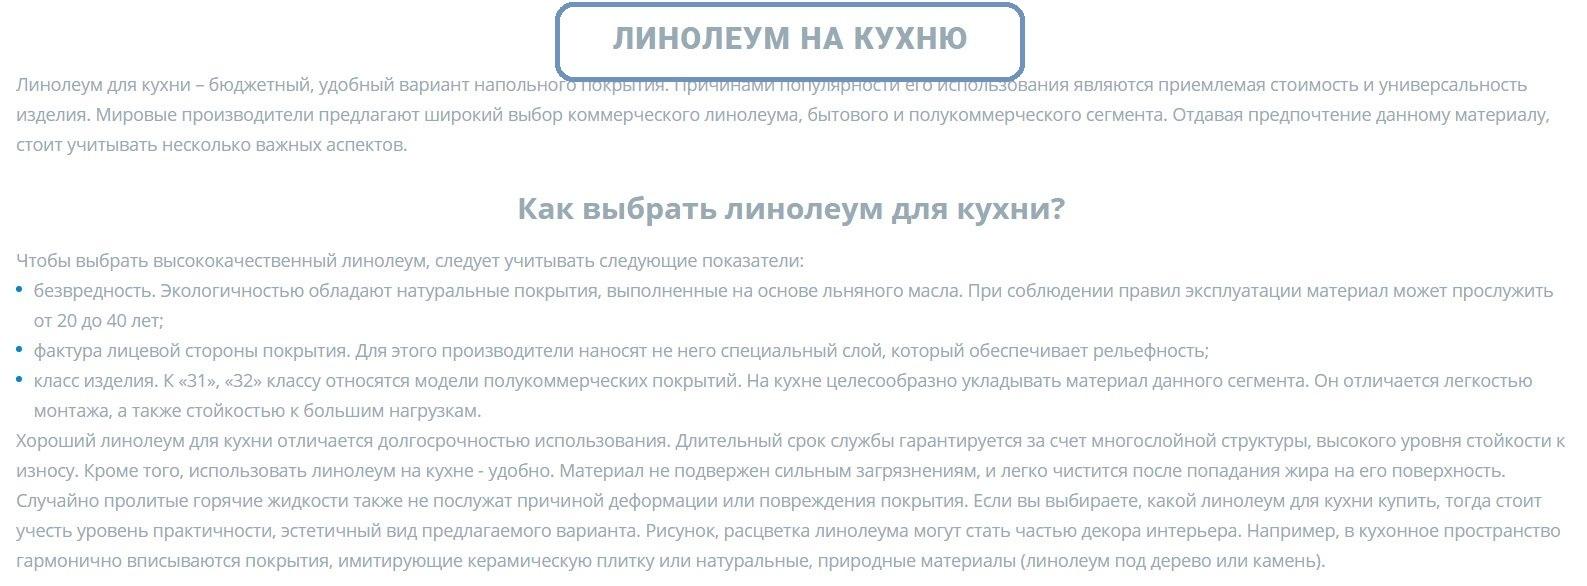 -ziWbILkYq6zxJfmy-1zGEfcSVun6_pioMF9CefJ